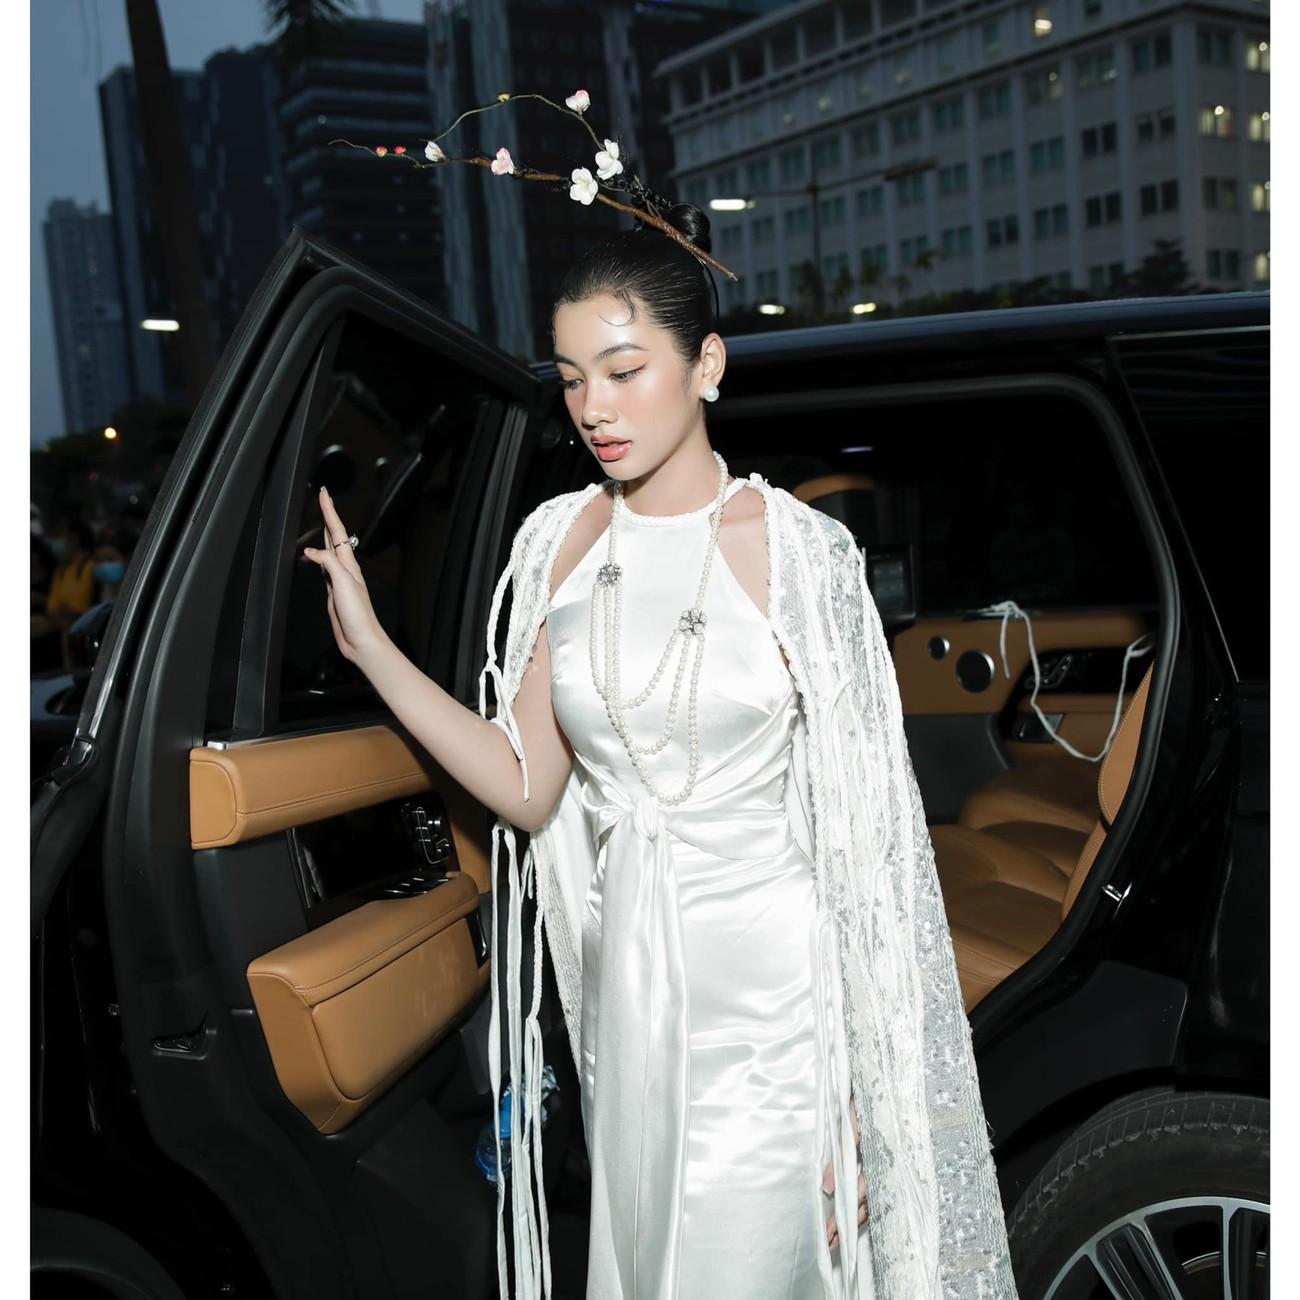 Người đẹp Cẩm Đan diện áo yếm gợi cảm kiêu kỳ ảnh 5